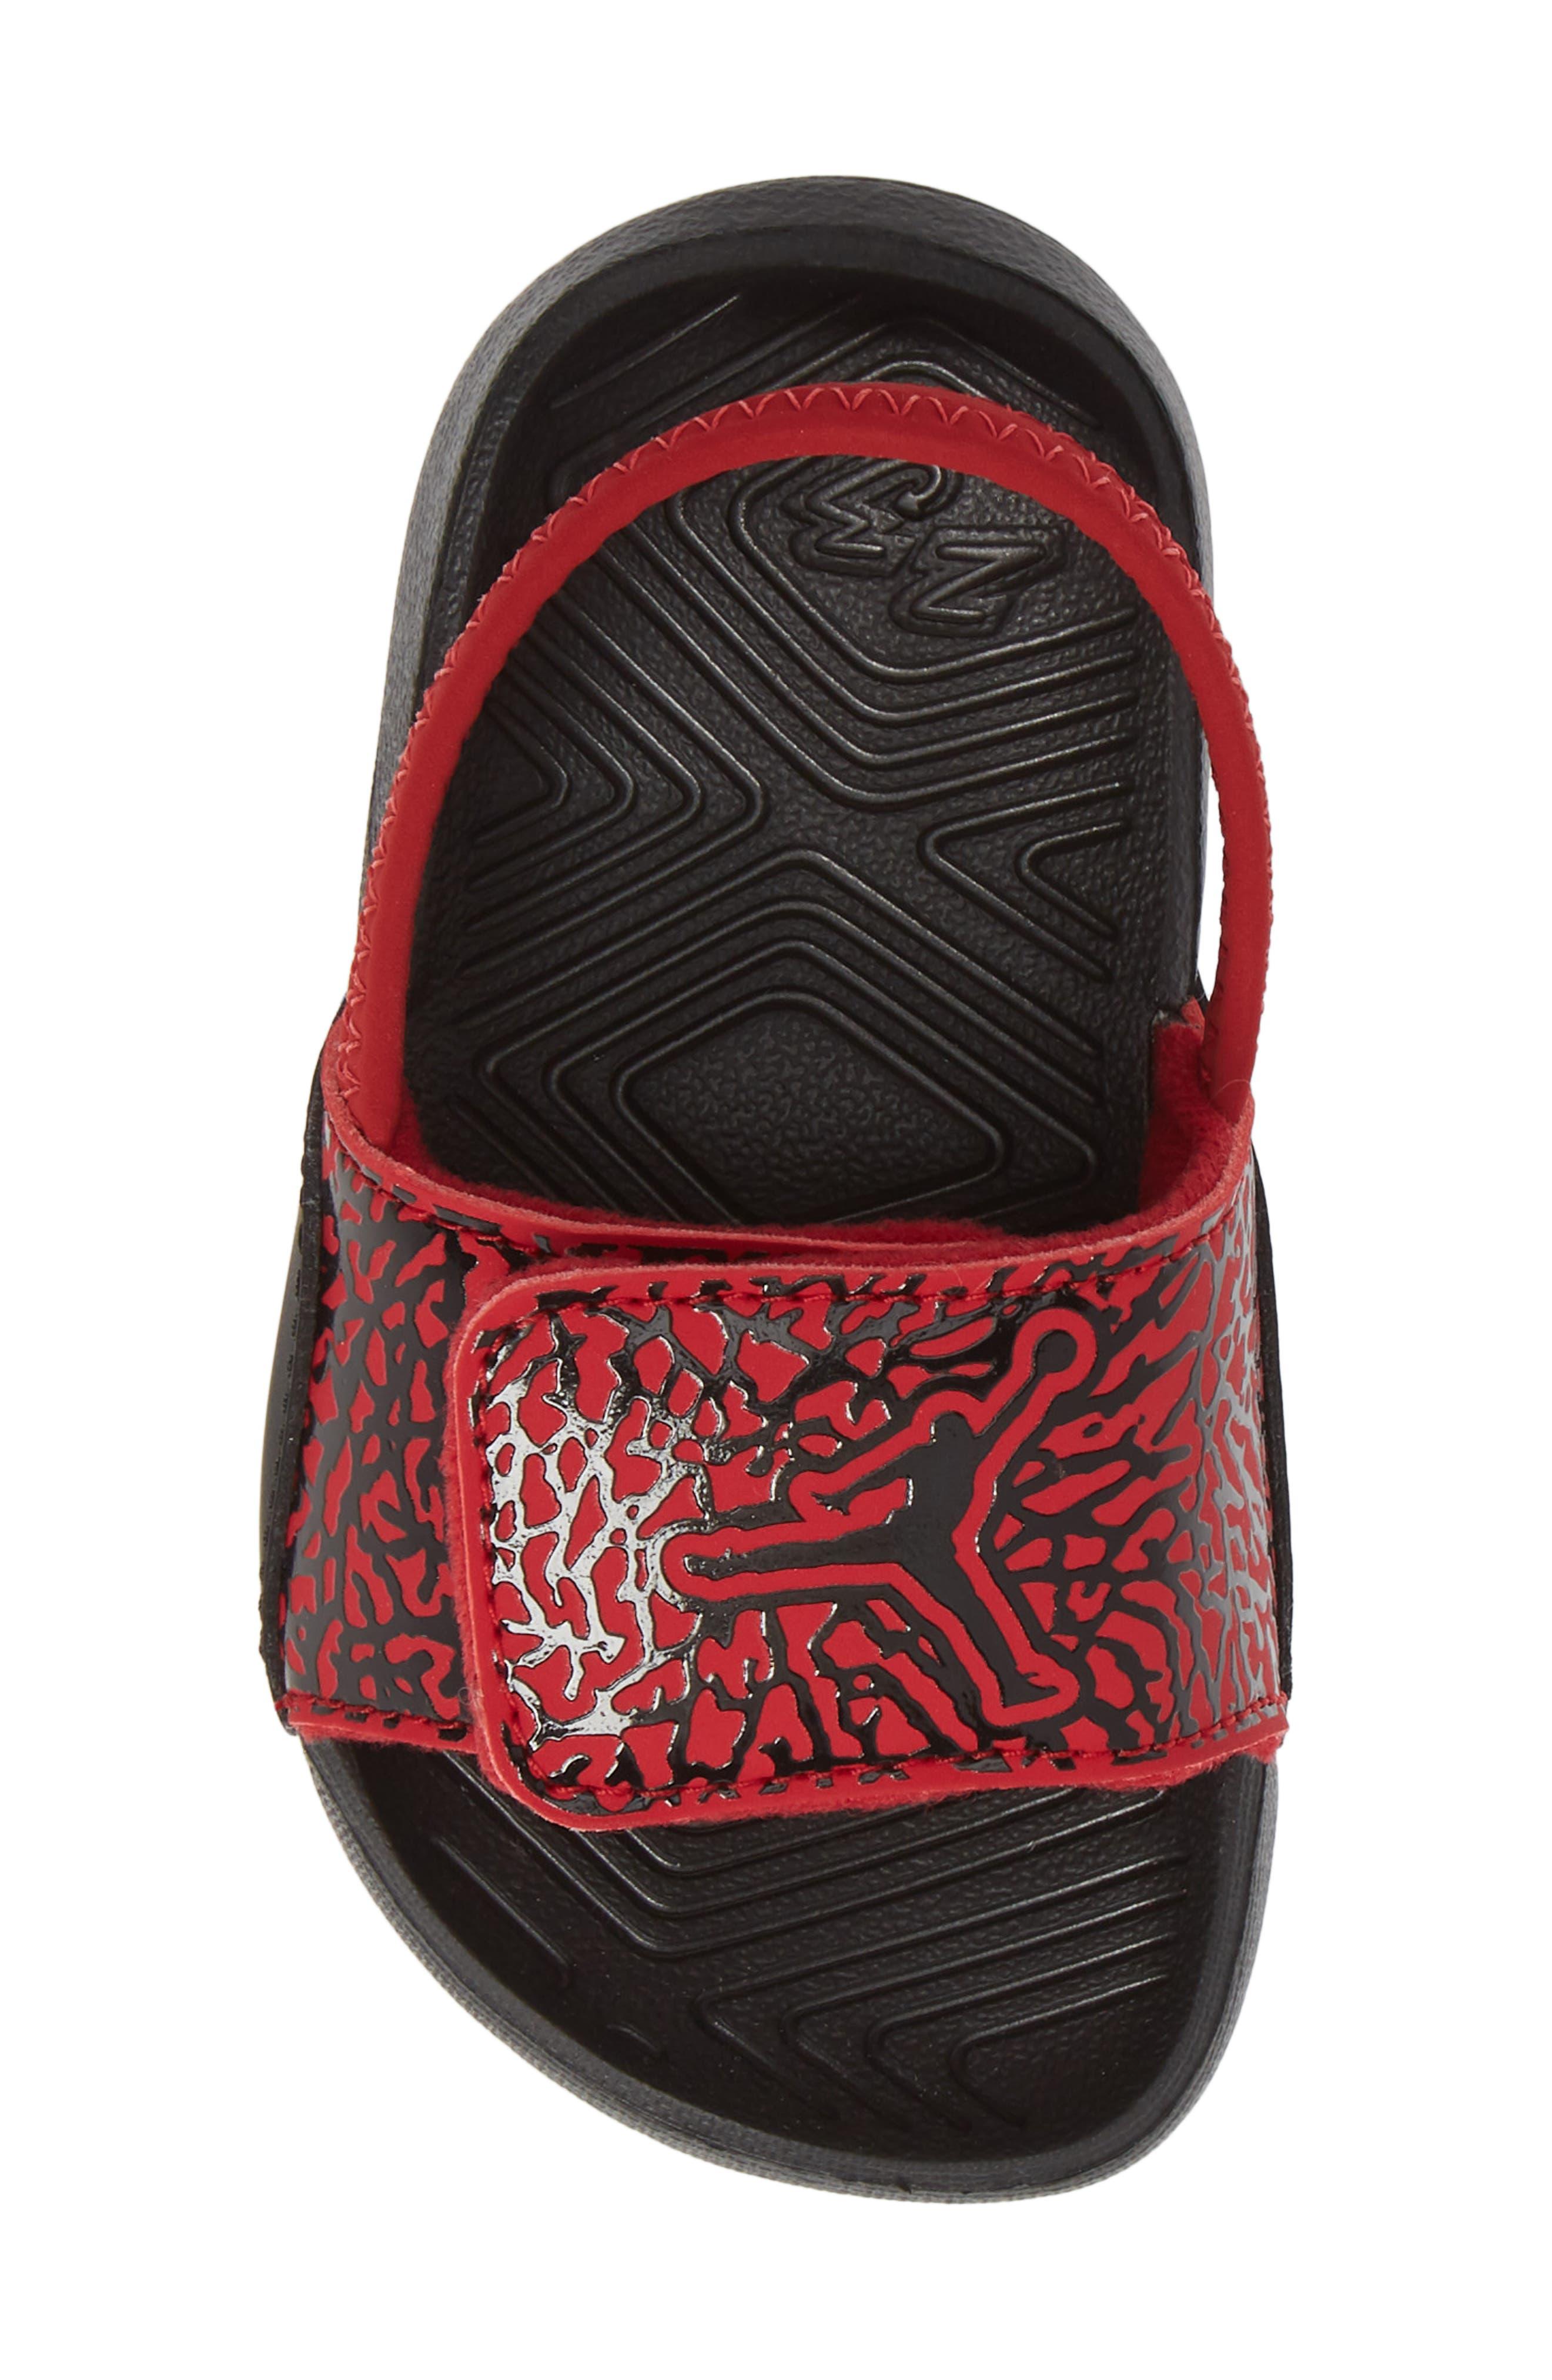 Hydro 7 V2 Sandal,                             Alternate thumbnail 5, color,                             GYM RED/ BLACK 2